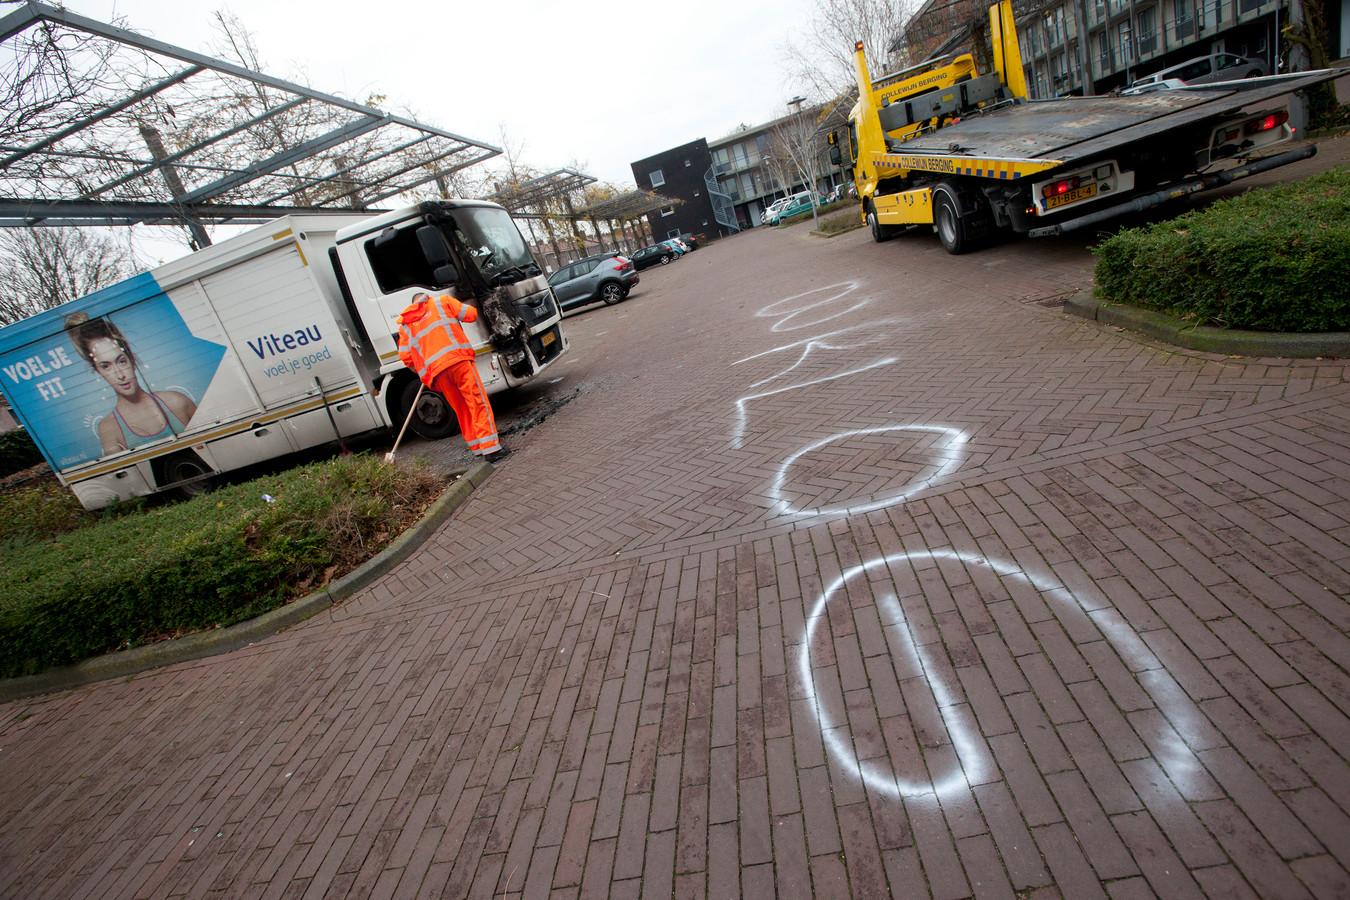 Op de Adriaan van Ostadestraat werd afgelopen weekend opnieuw een voertuig in brand gestoken. De vermoedelijke daders schreven daarbij het woord 'oorlog' op de weg.